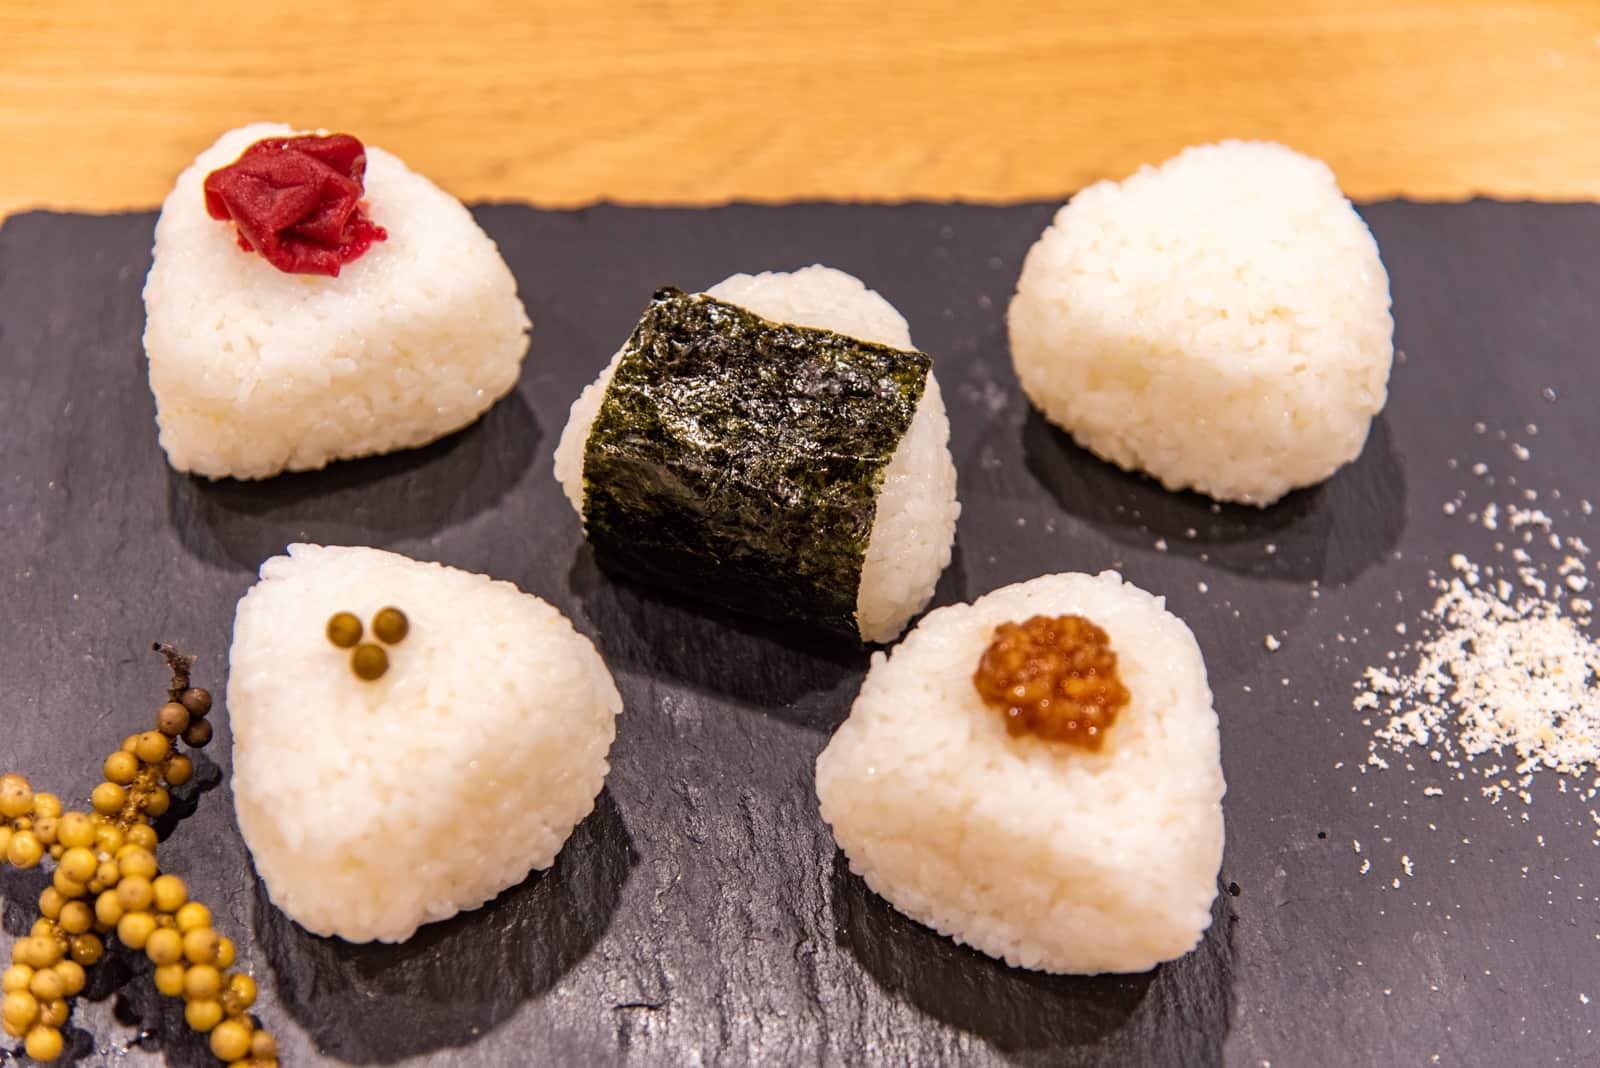 日本中を飛びまわる食のバイヤーきしな屋が選ぶ